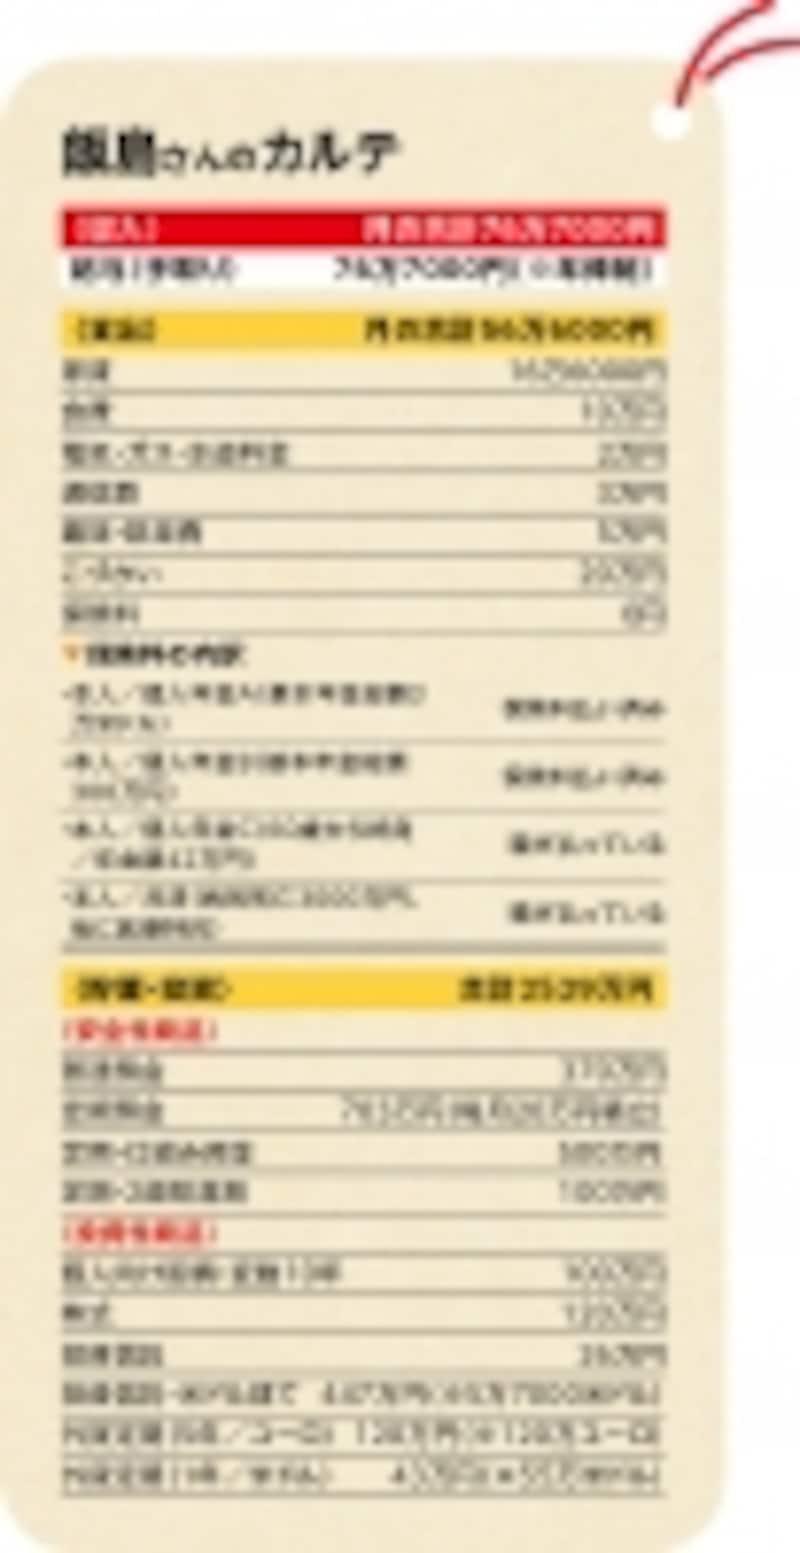 家賃補助もなくなり、投資でも大きな損がでている飯島さん。今までは収入が高く不安はなかったが…。